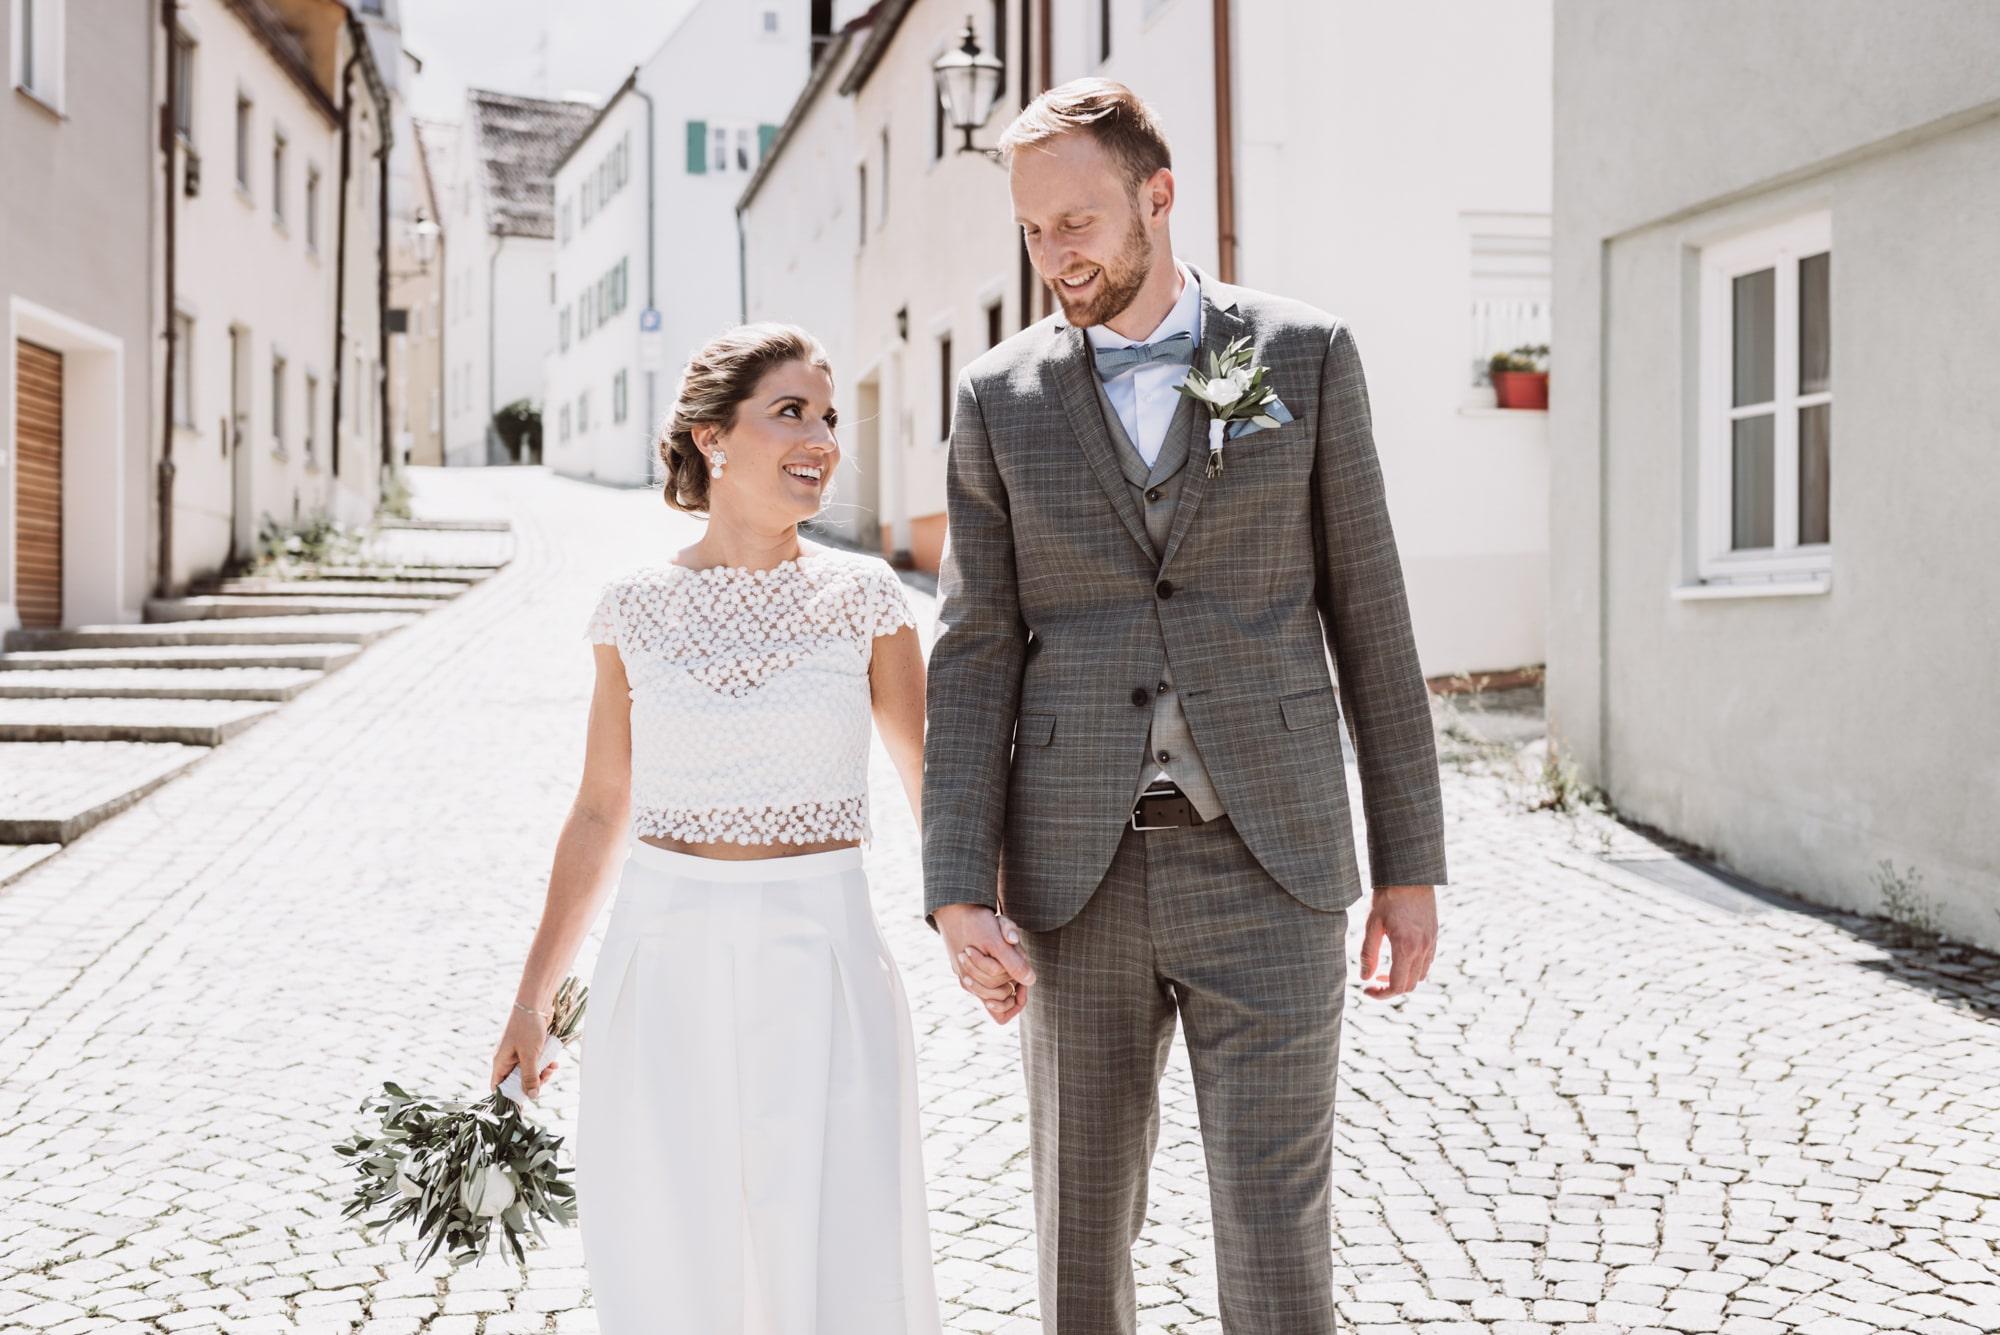 Nachtstallung Augsburg, Hochzeit